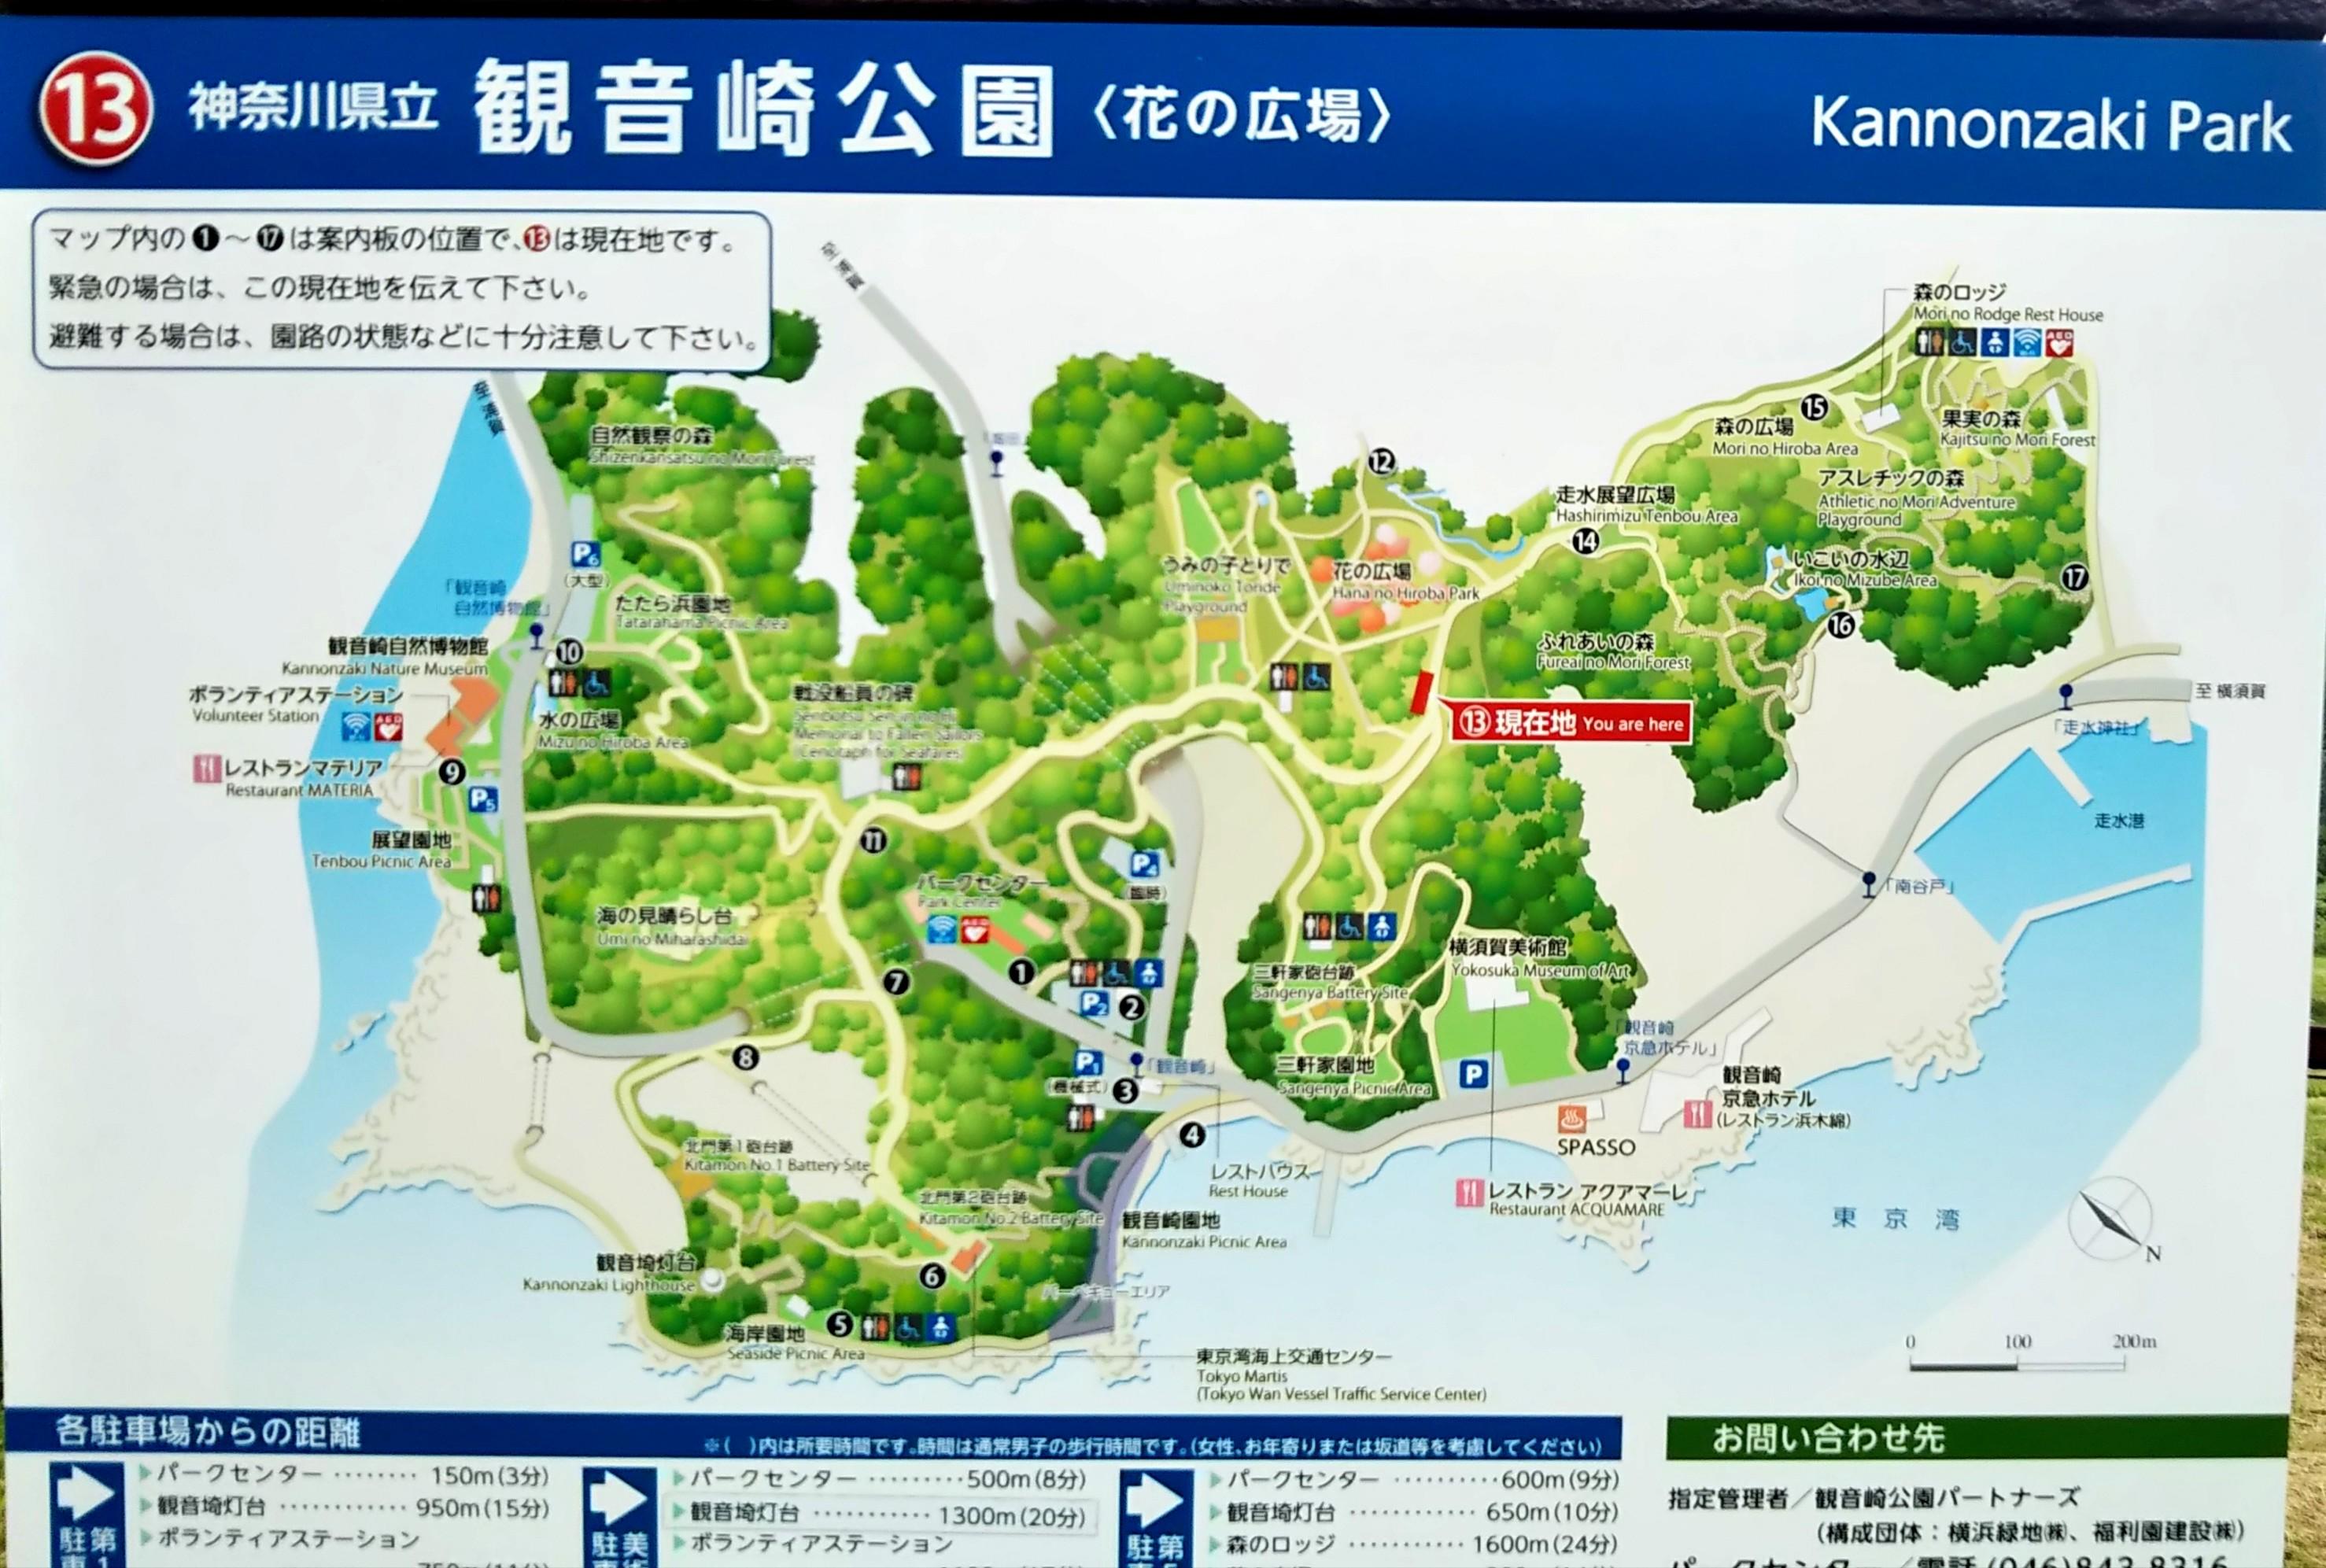 公園内には地図がたくさん